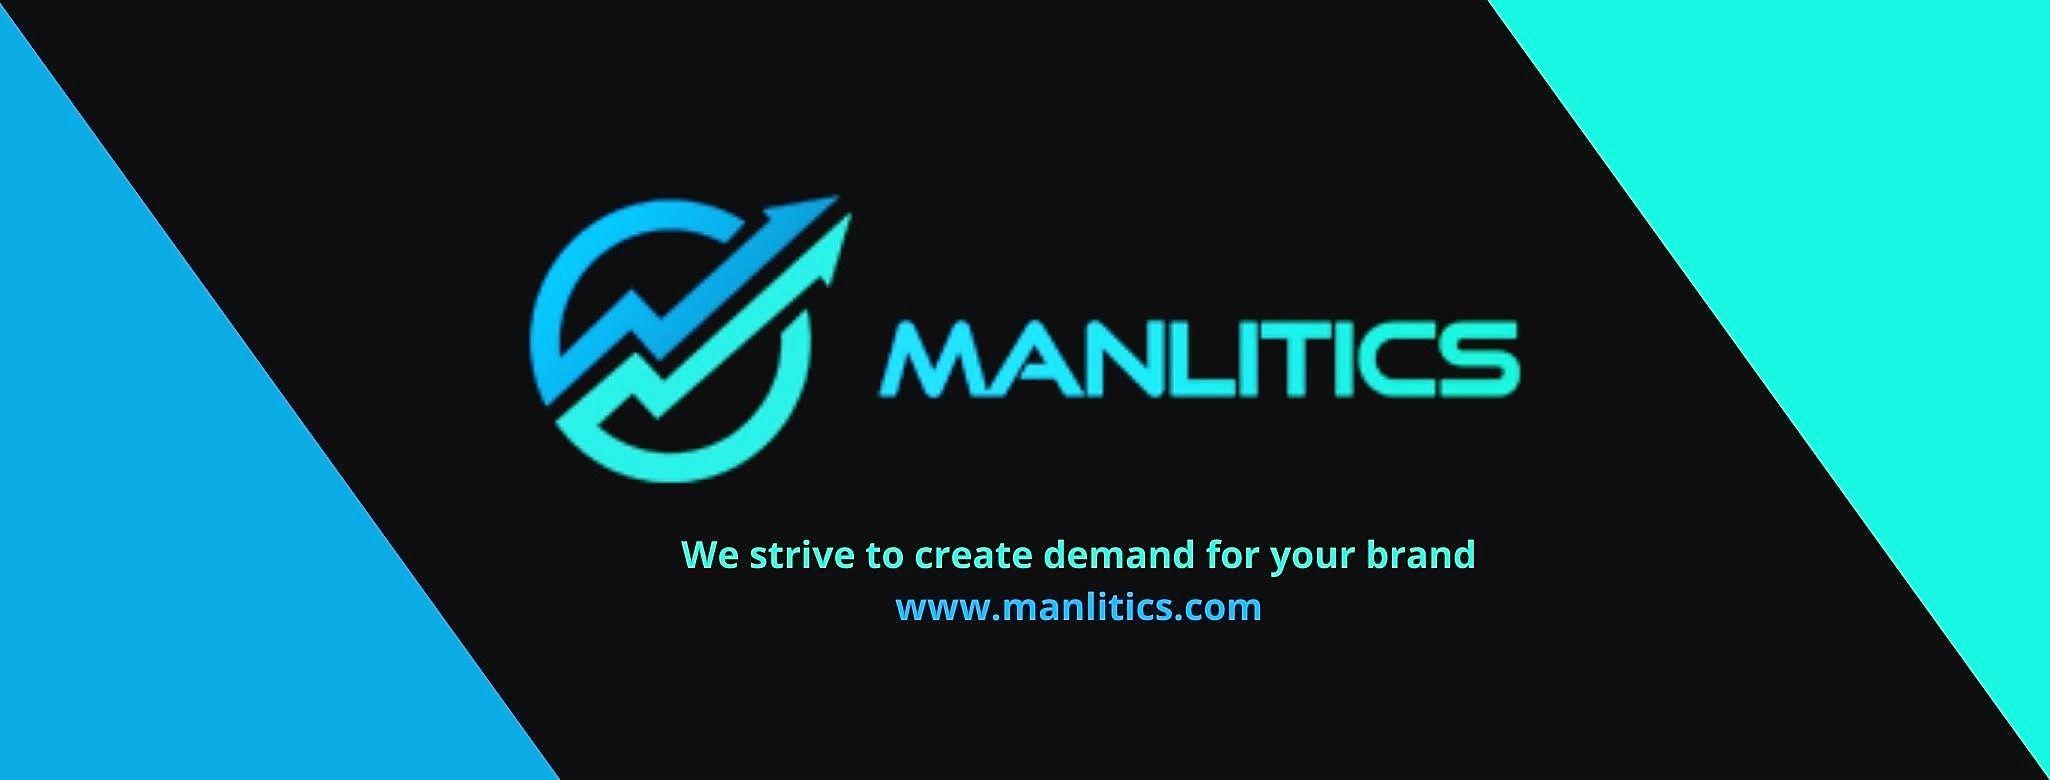 Manlitics